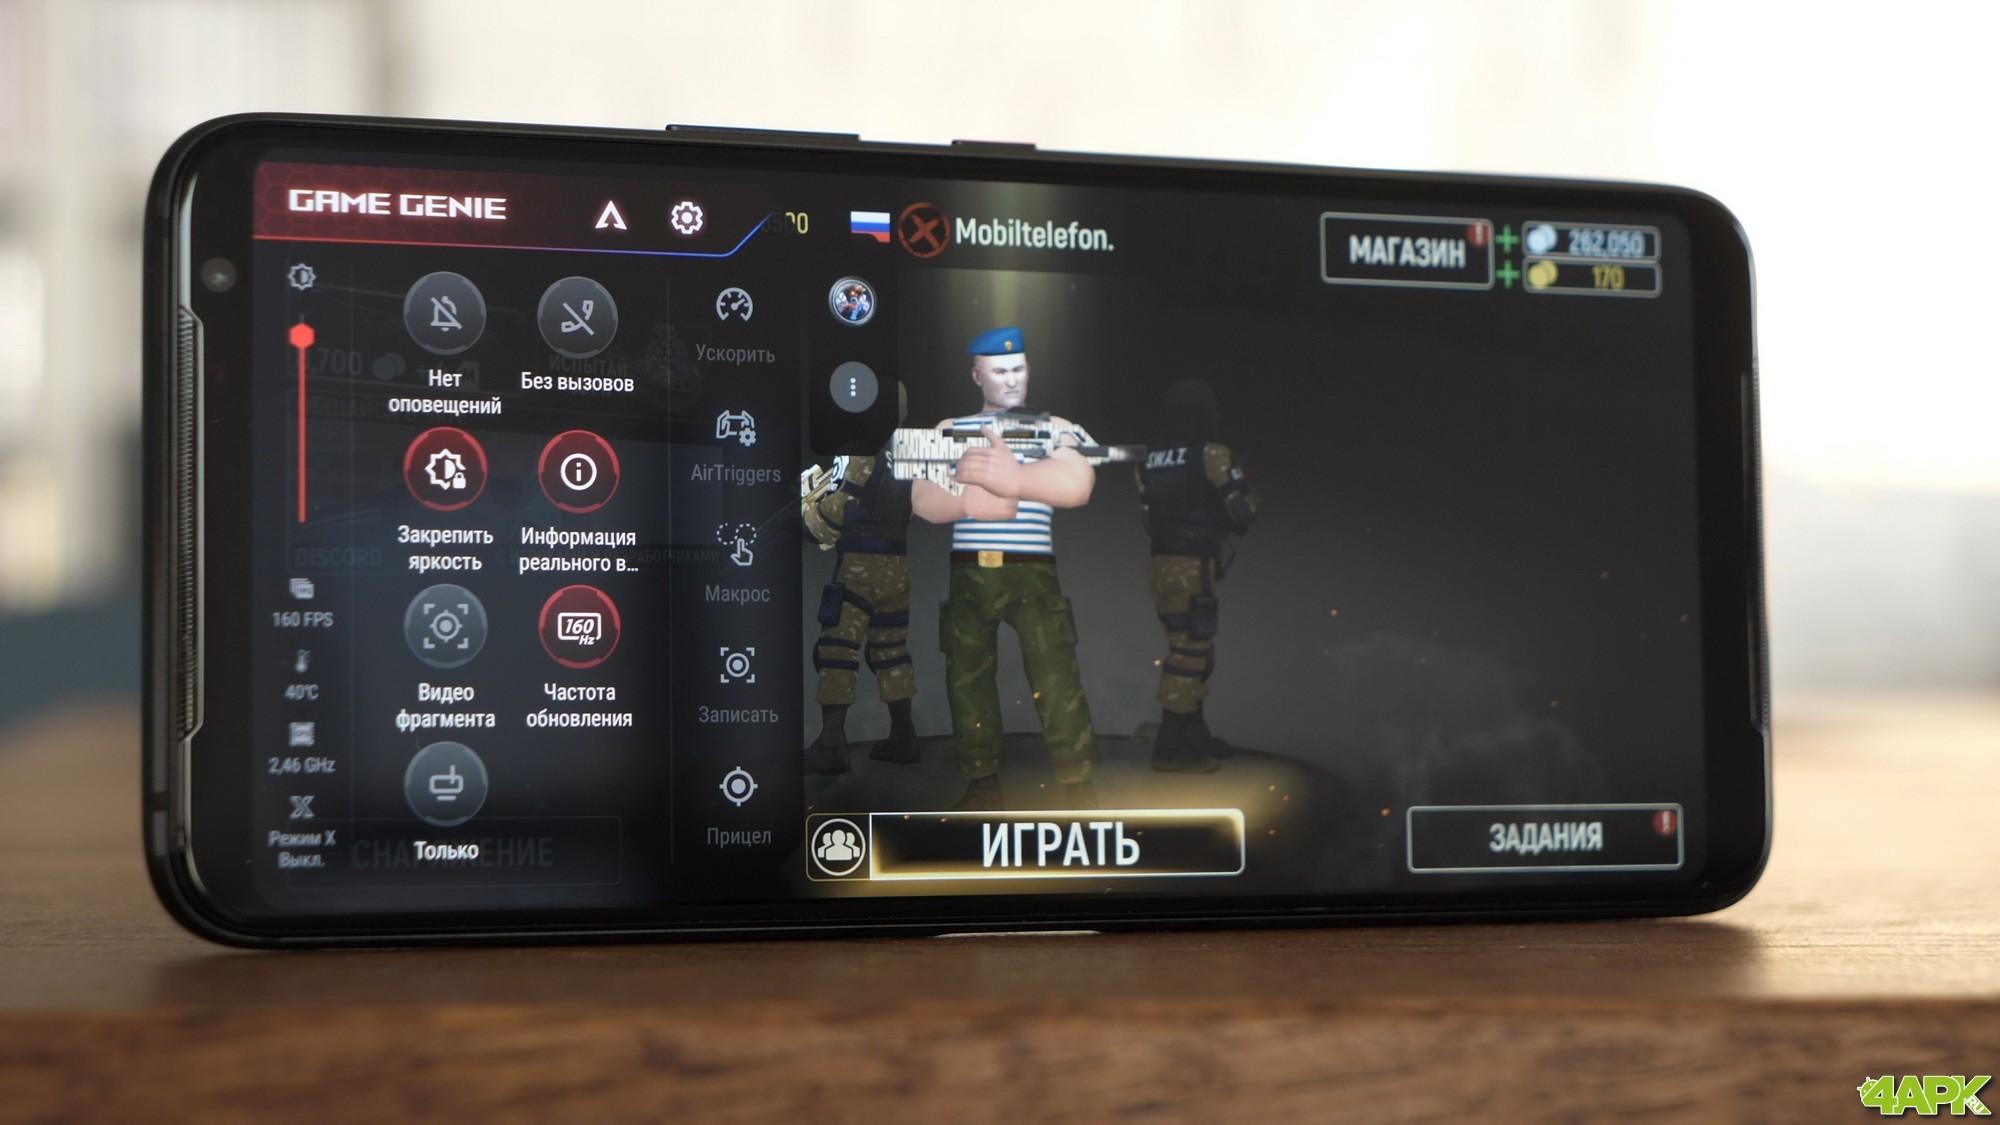 Обзор ASUS ROG Phone 3: топовый смартфон для игр Другие устройства  - obzor_asus_rog_phone_3_luchshij_igrovoj_smartfon_20206_picture26_0